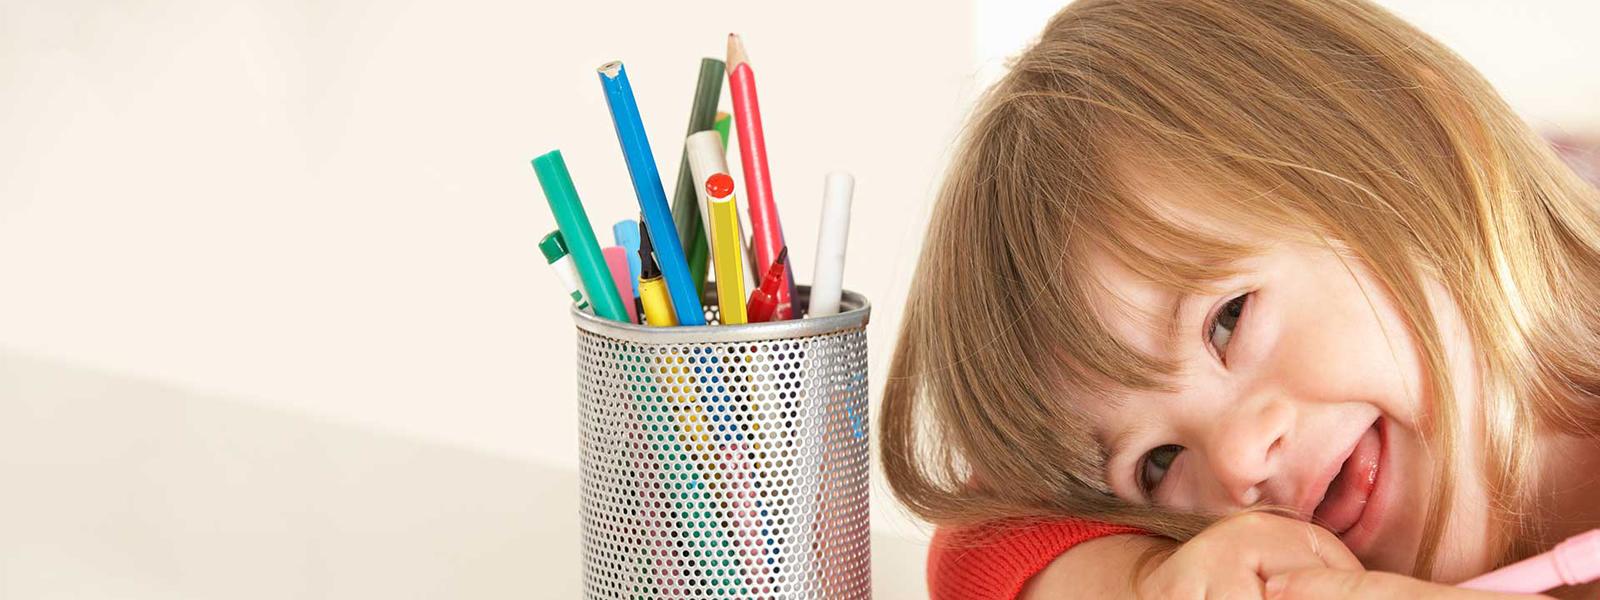 Conheça nossas atividades exclusivas para crianças!